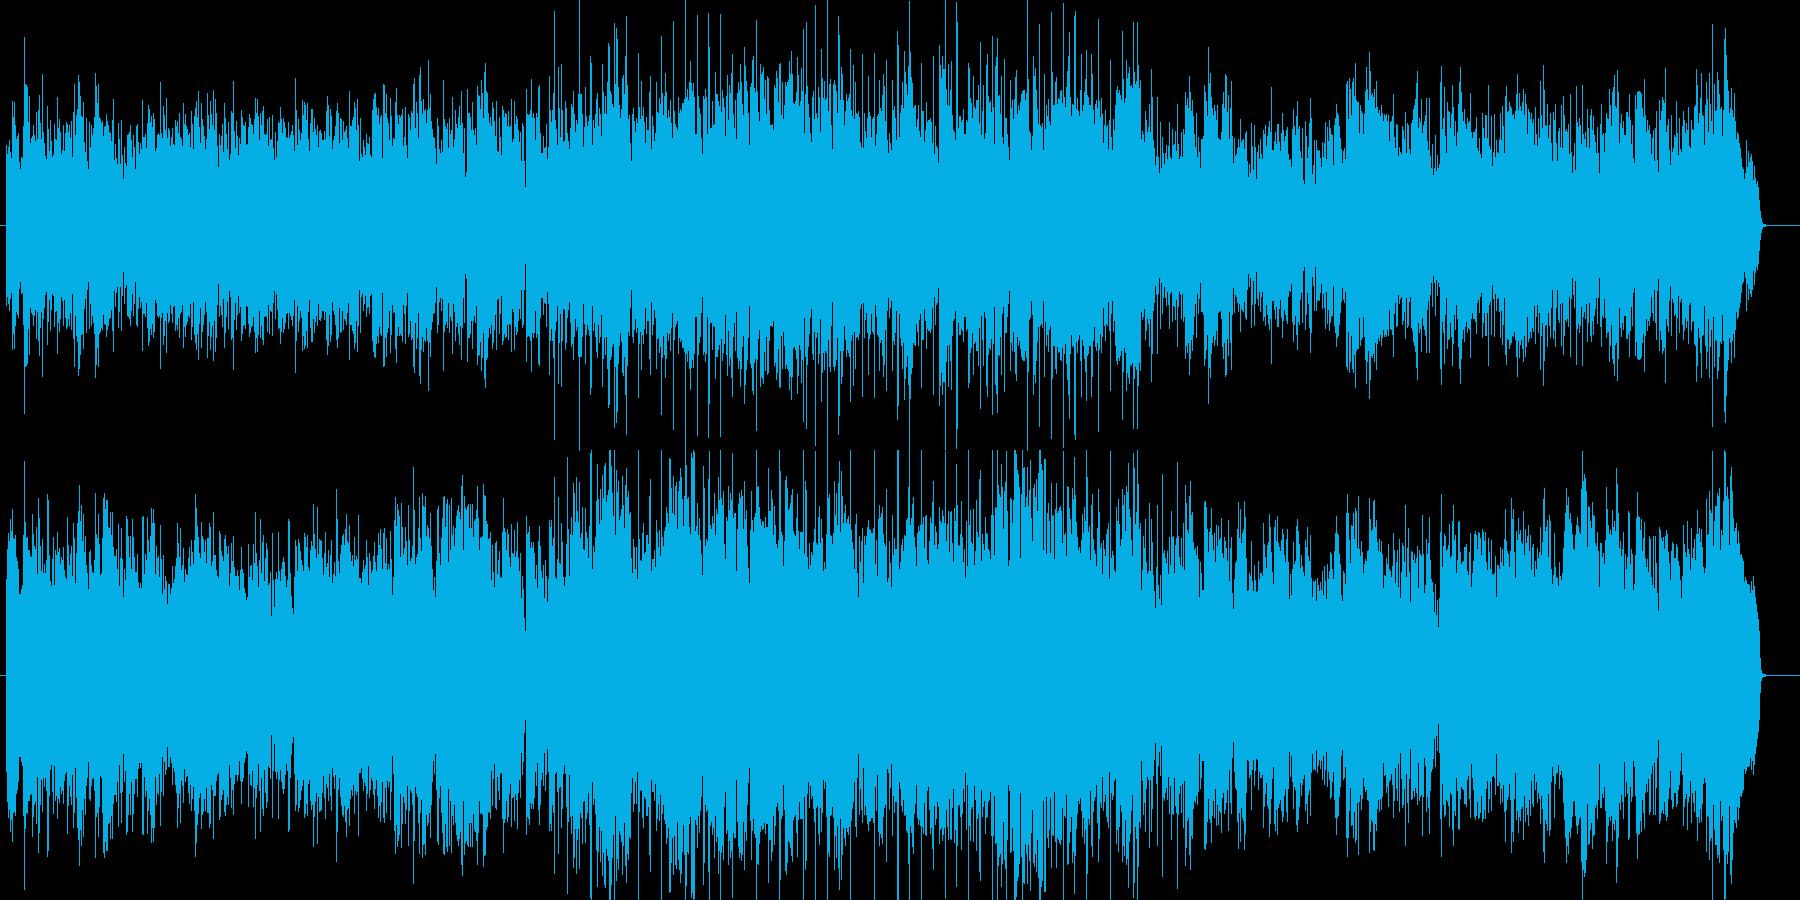 サックスの旋律がおしゃれなフュージョンの再生済みの波形